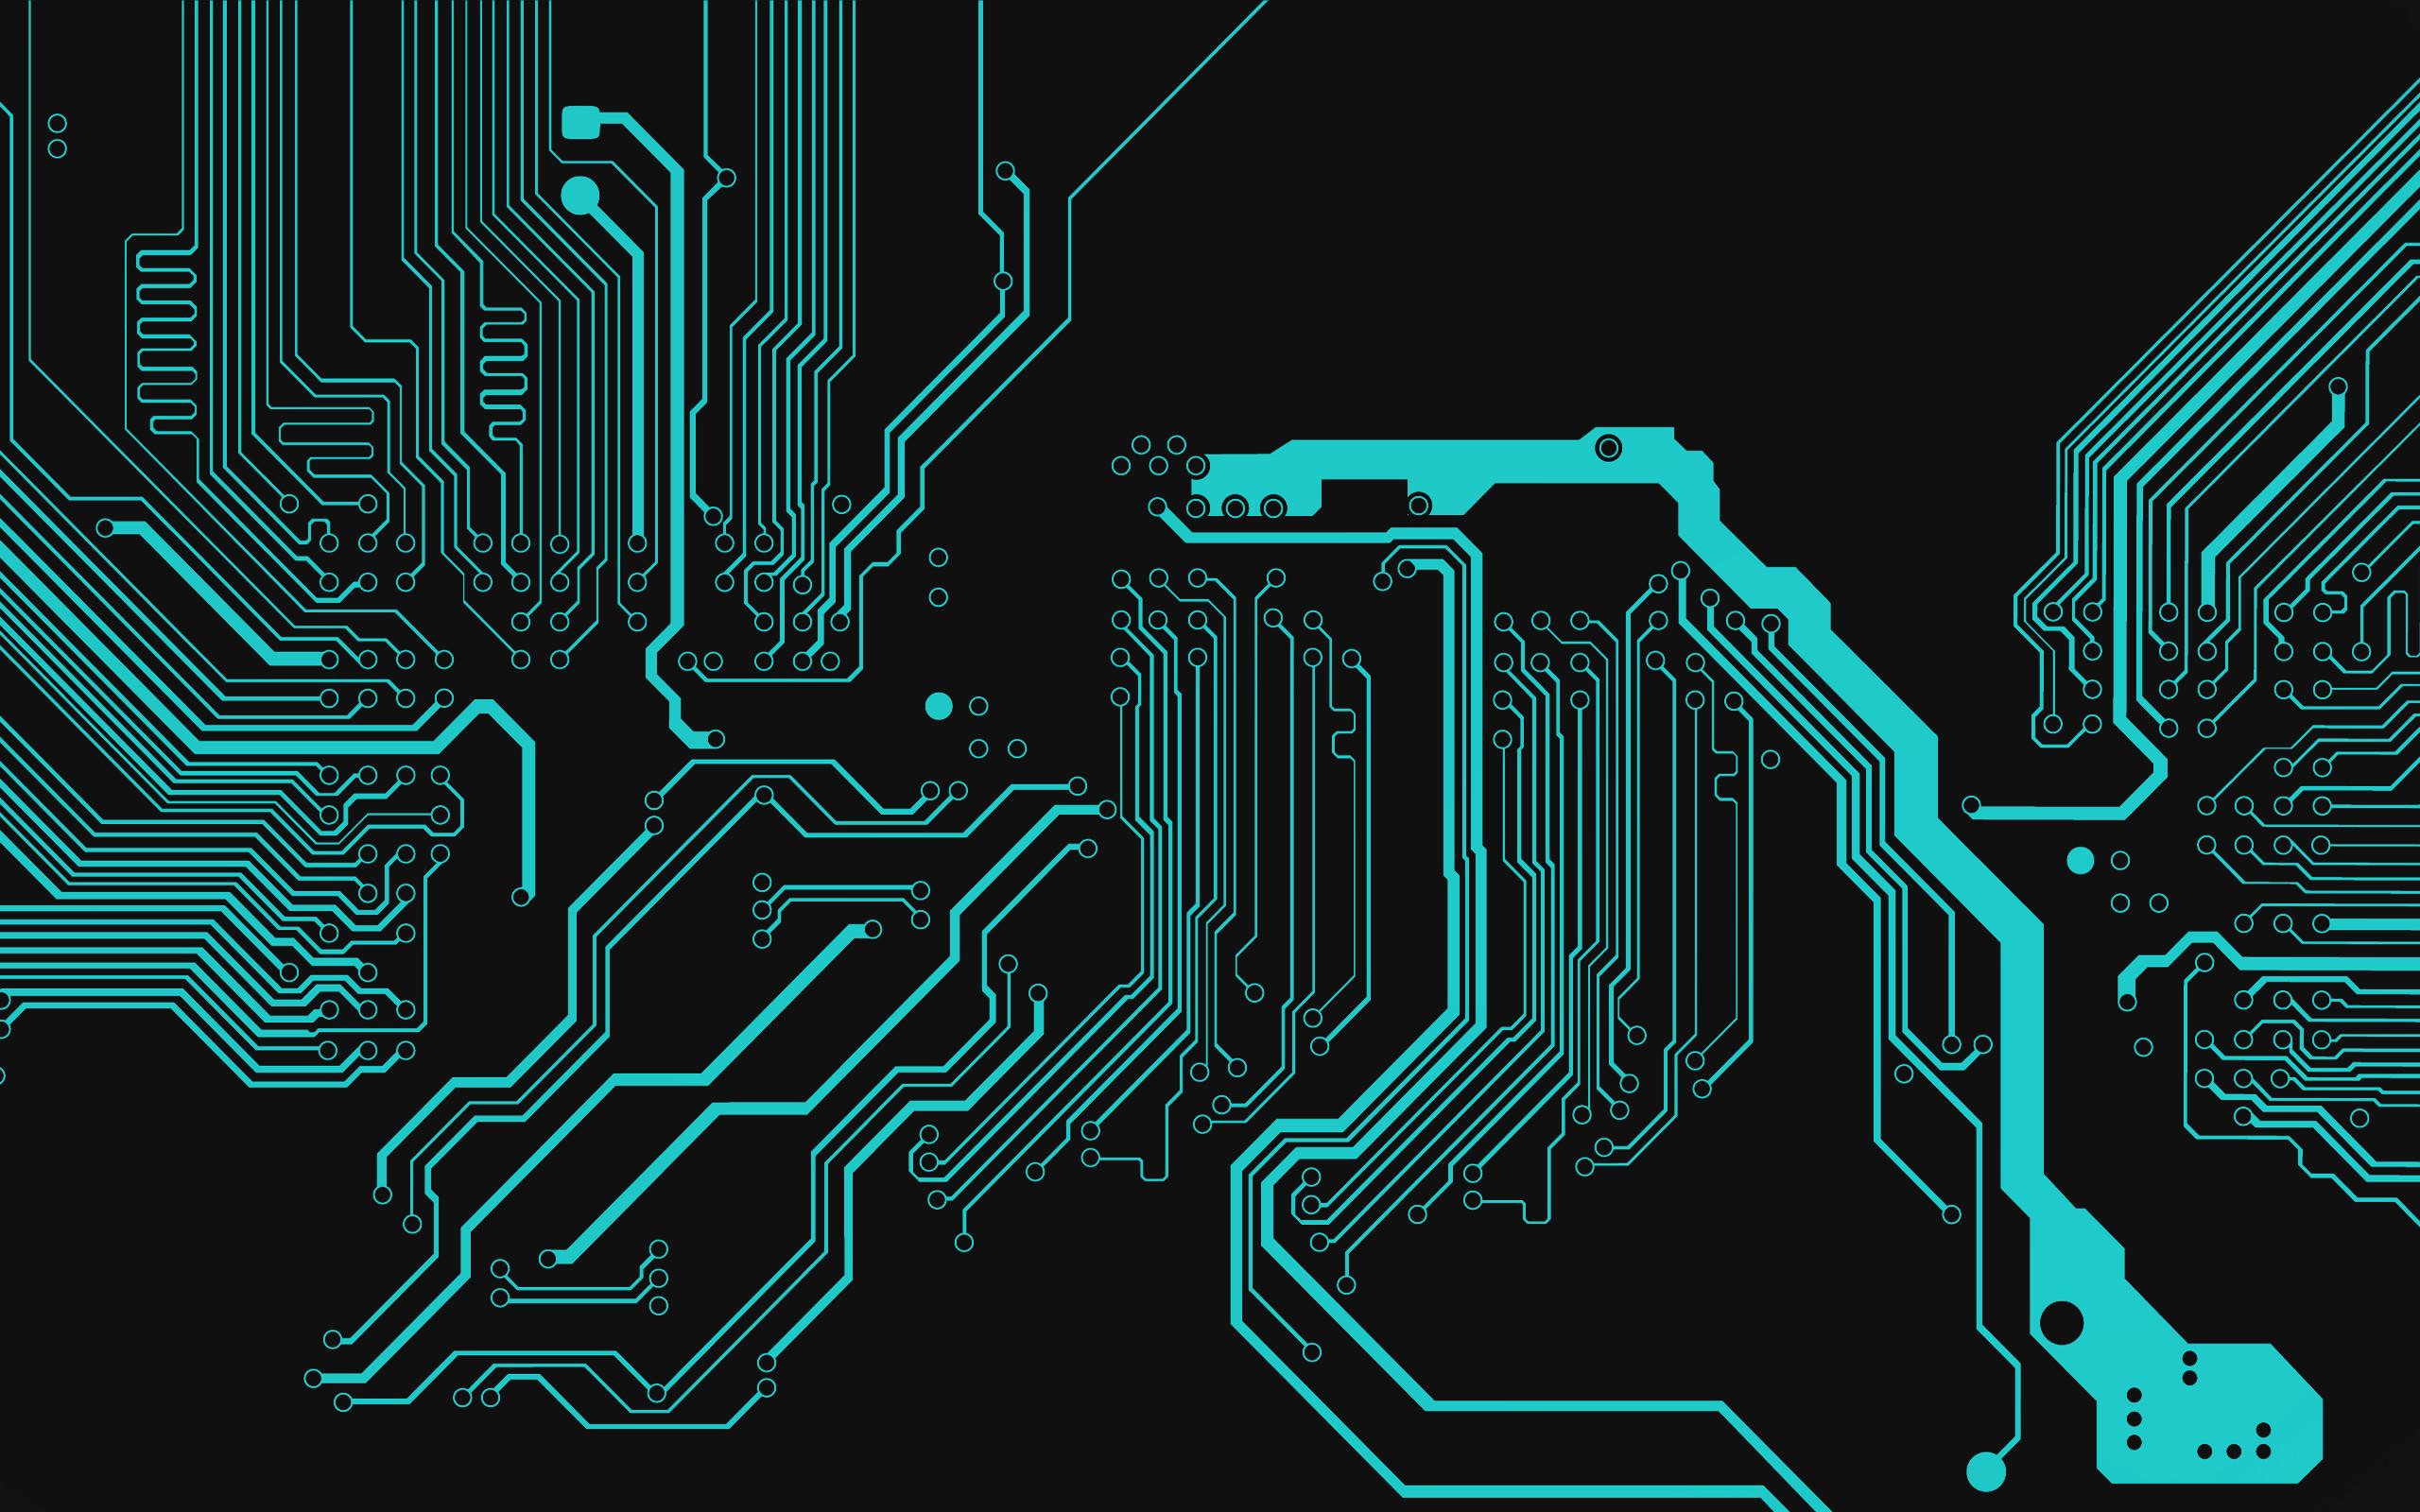 Terrific Computerwallpapers Best Computer Wallpapers Hd HD   HD Wallpapers    Pinterest   Computer wallpaper hd, Hd wallpaper and Computer wallpaper